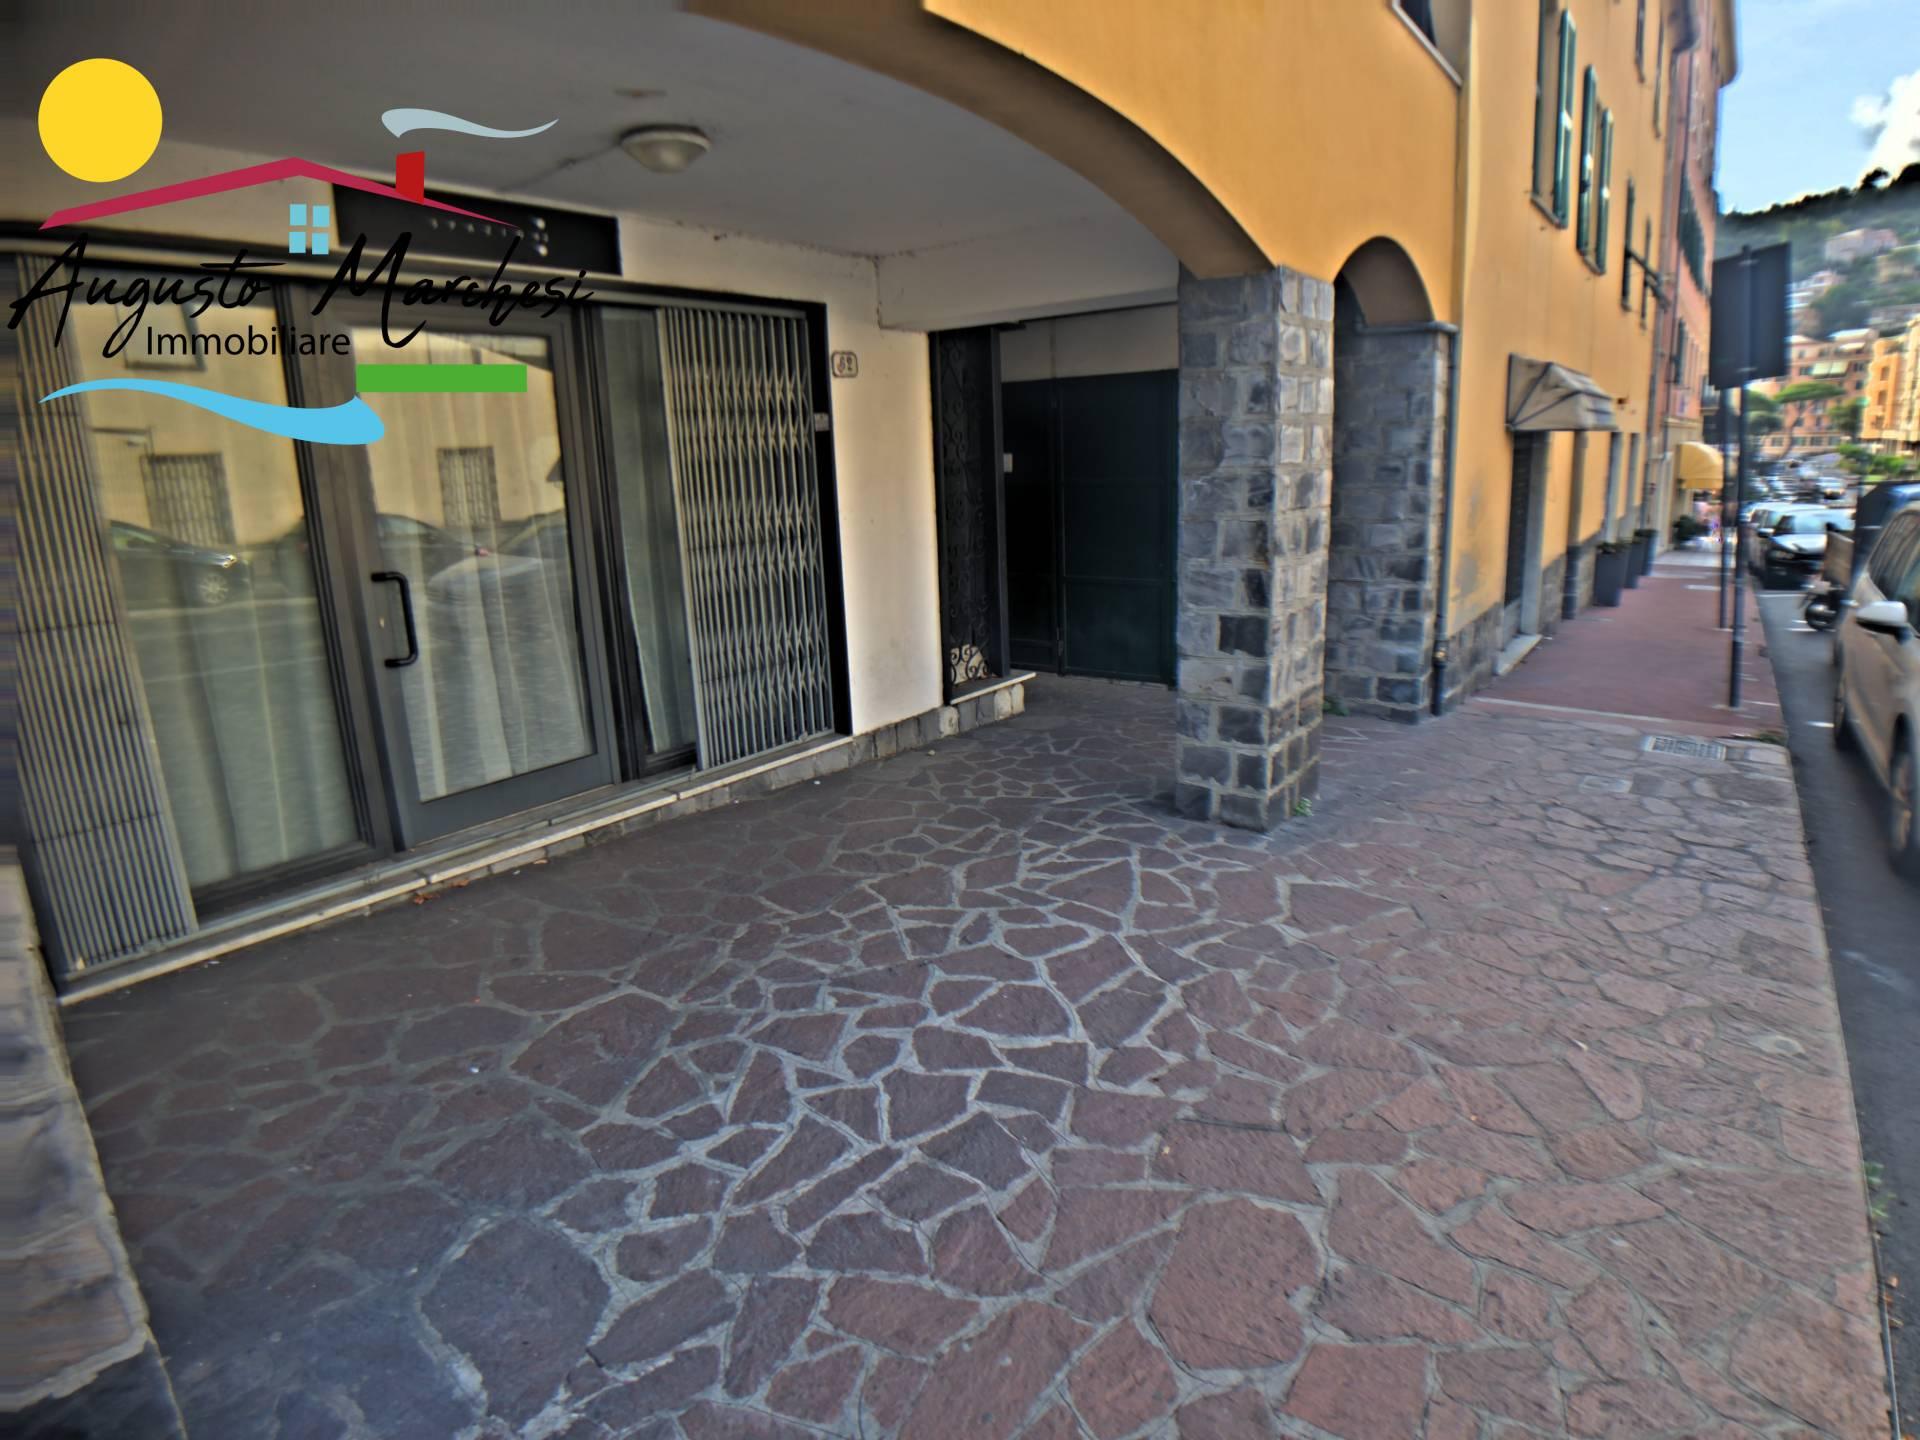 Negozio / Locale in affitto a Recco, 9999 locali, zona Località: centrale, prezzo € 650 | CambioCasa.it